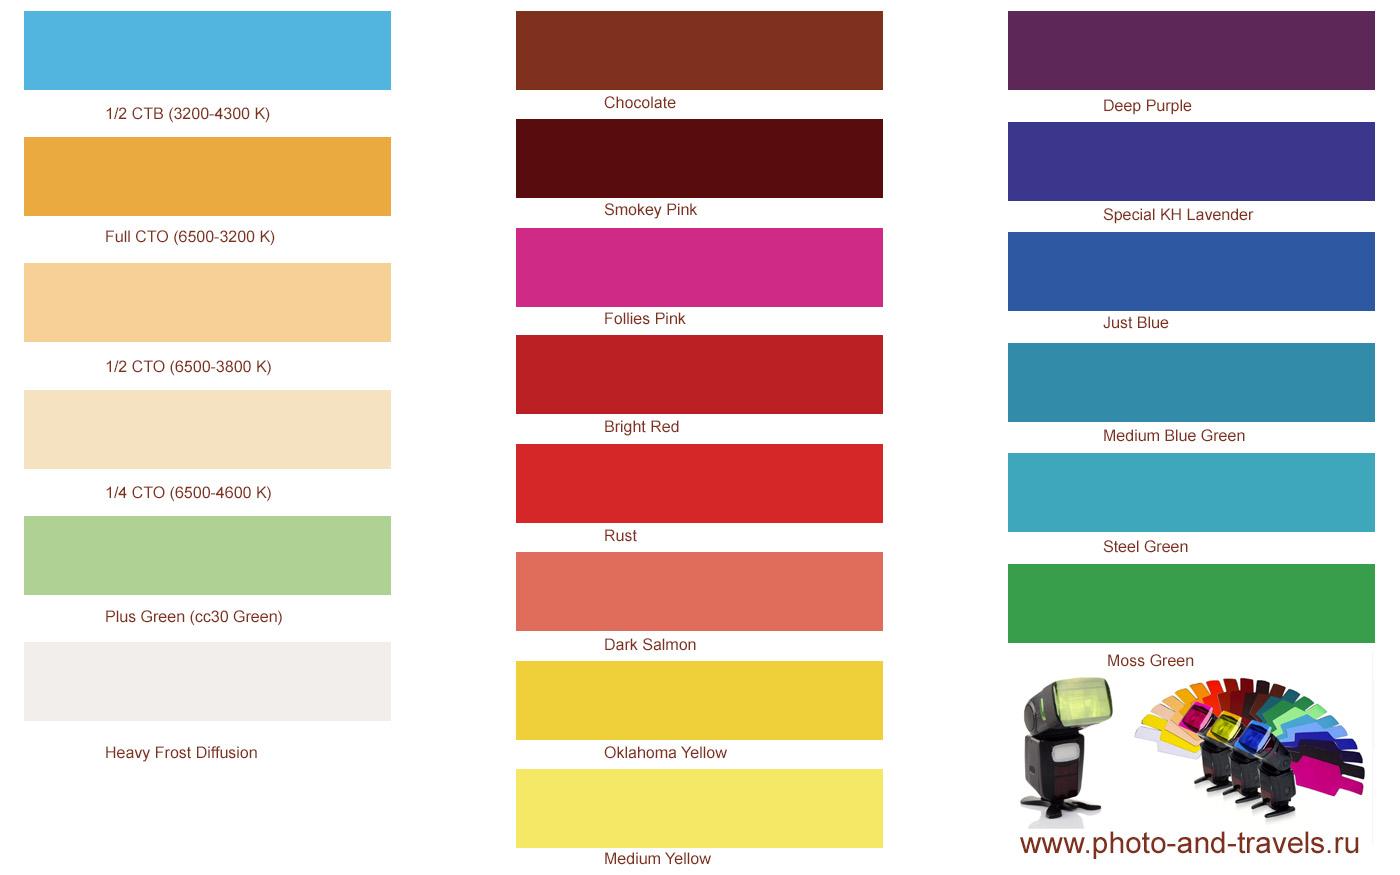 29. Схема, поясняющая, как маркируются цветные гели для вспышек.